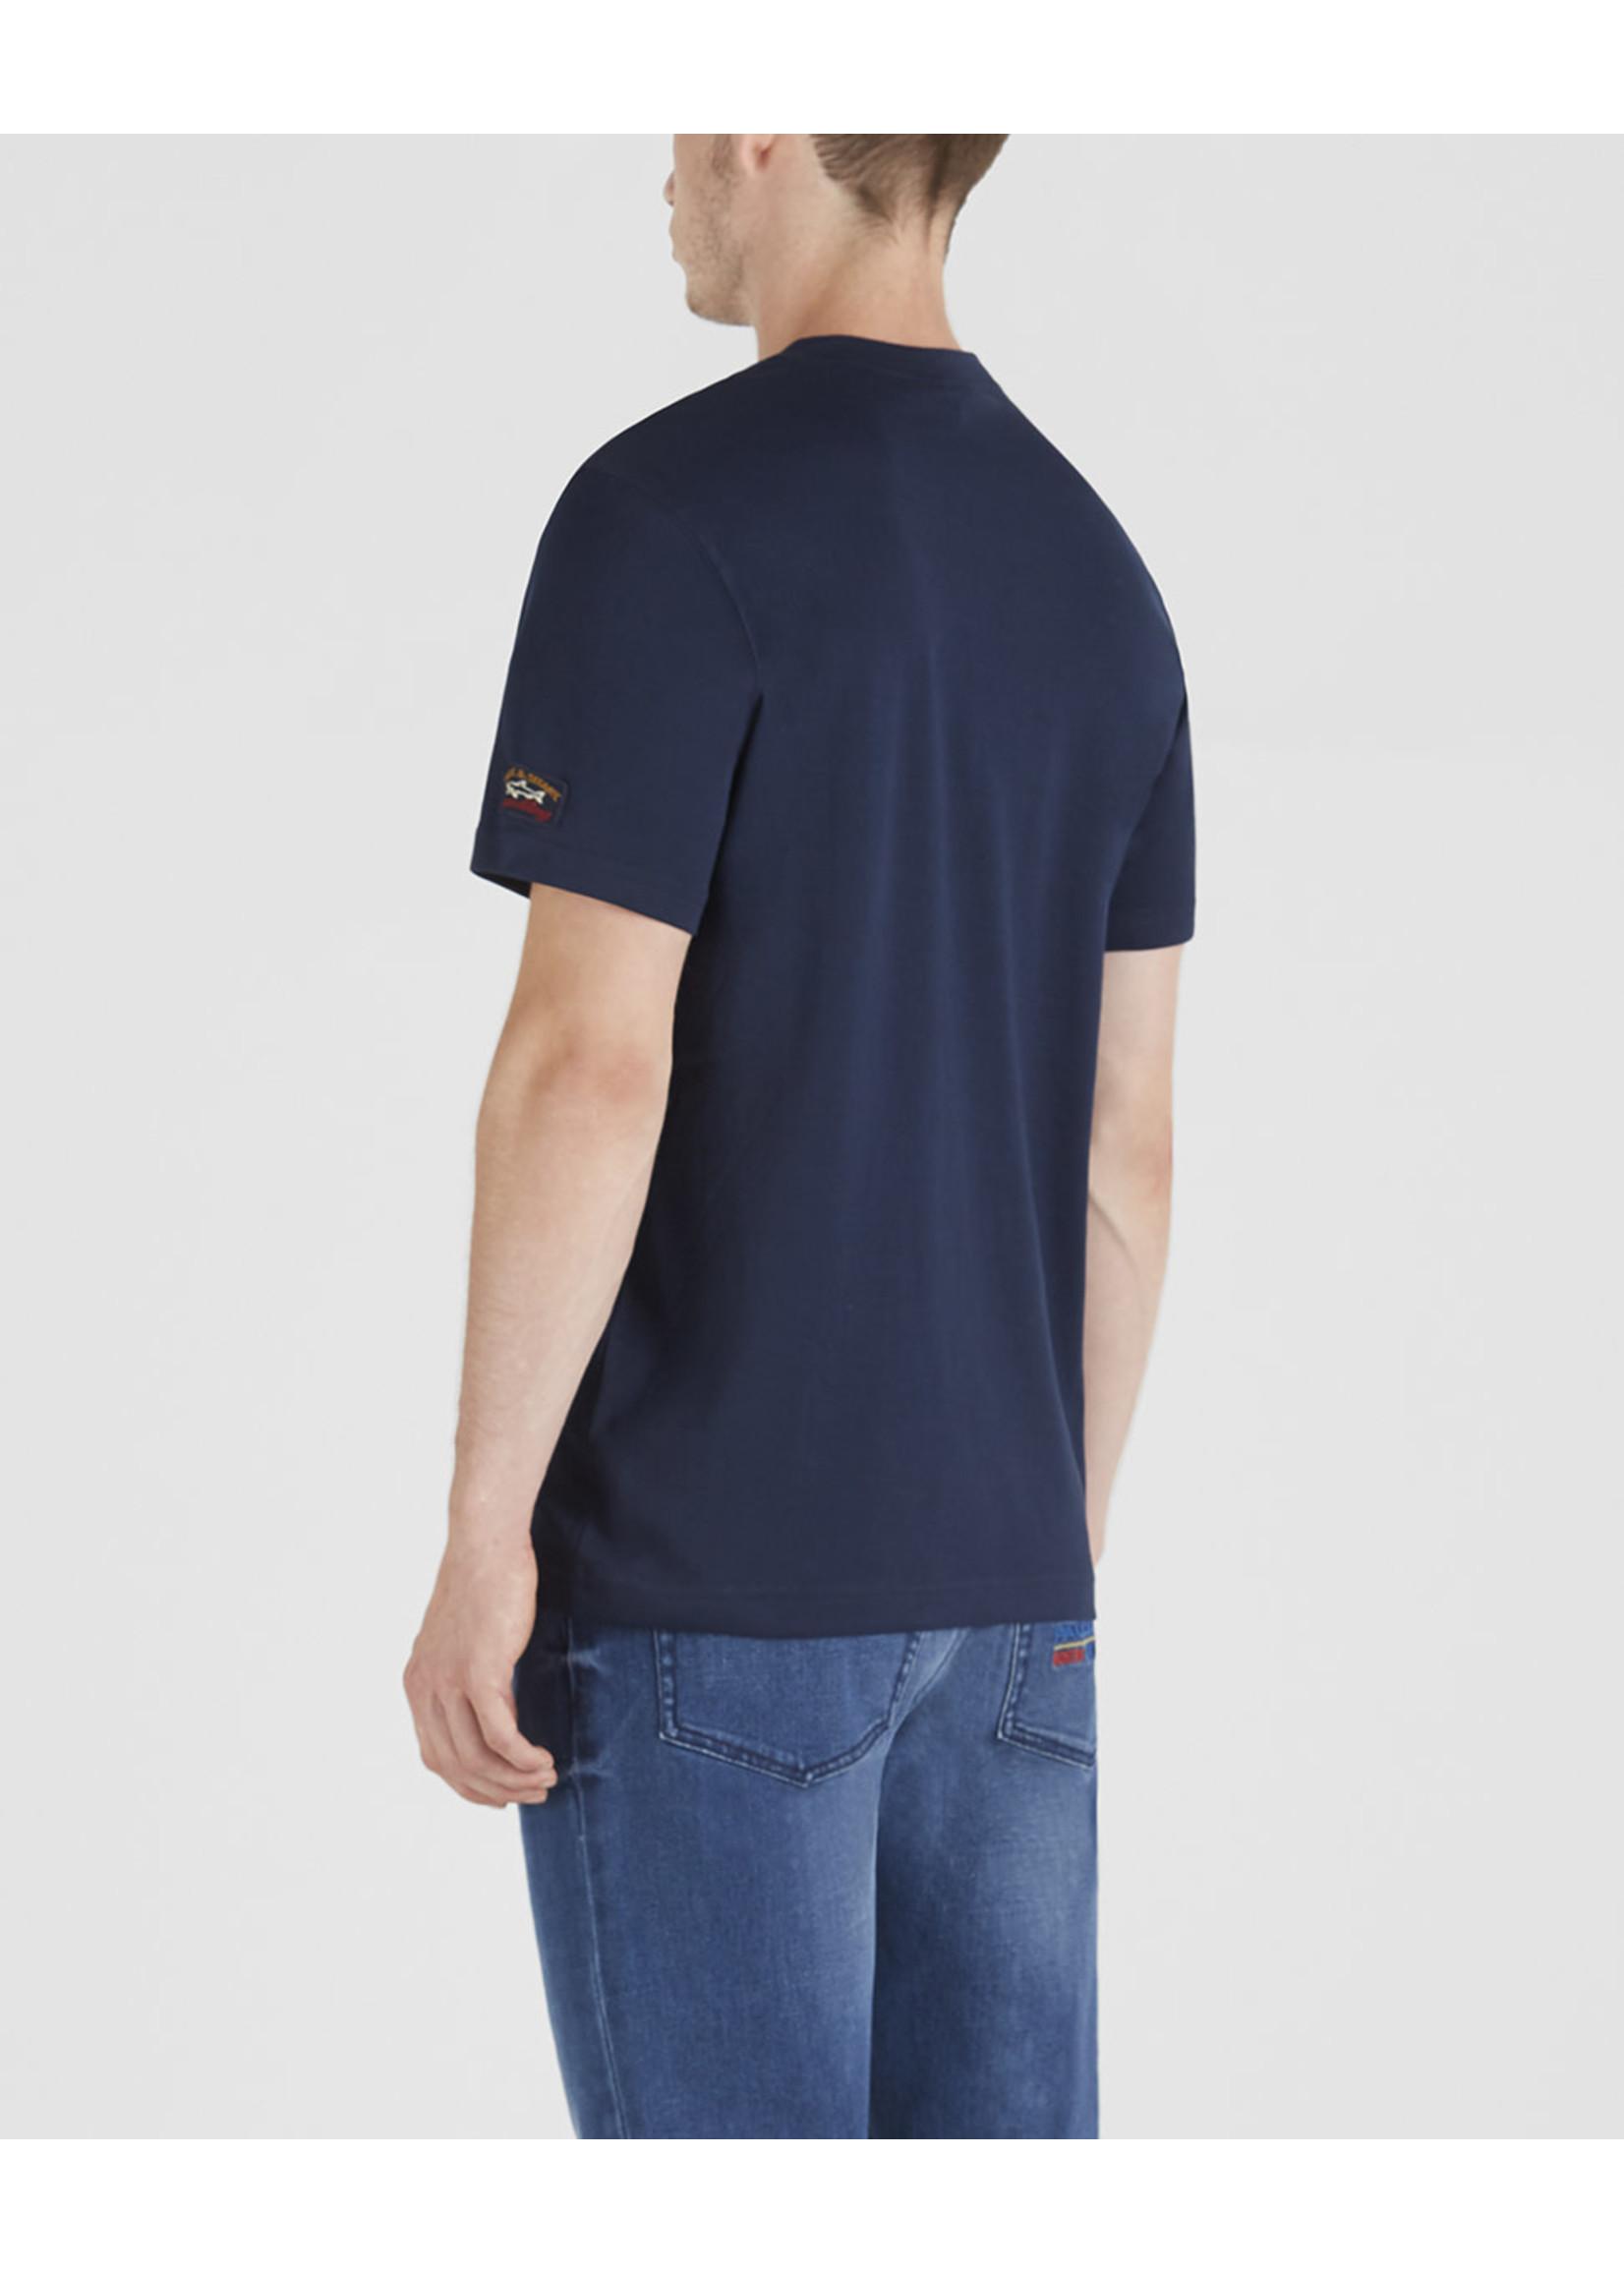 Paul & Shark t-shirt marine